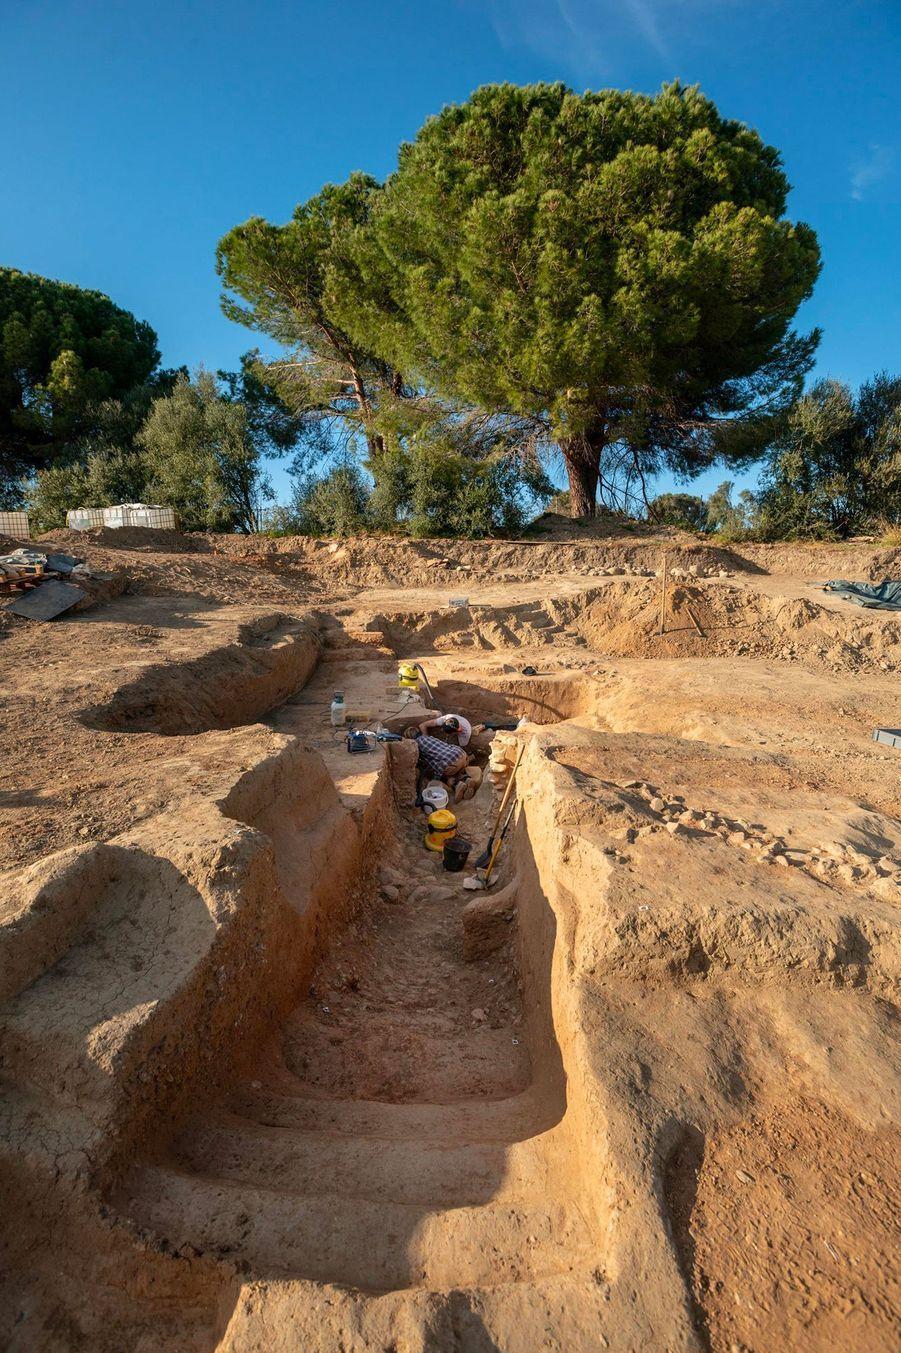 Tombe étrusque, avec, au premier plan, les marches et le couloir conduisant à la chambre funéraire initialement creusée dans la roche.